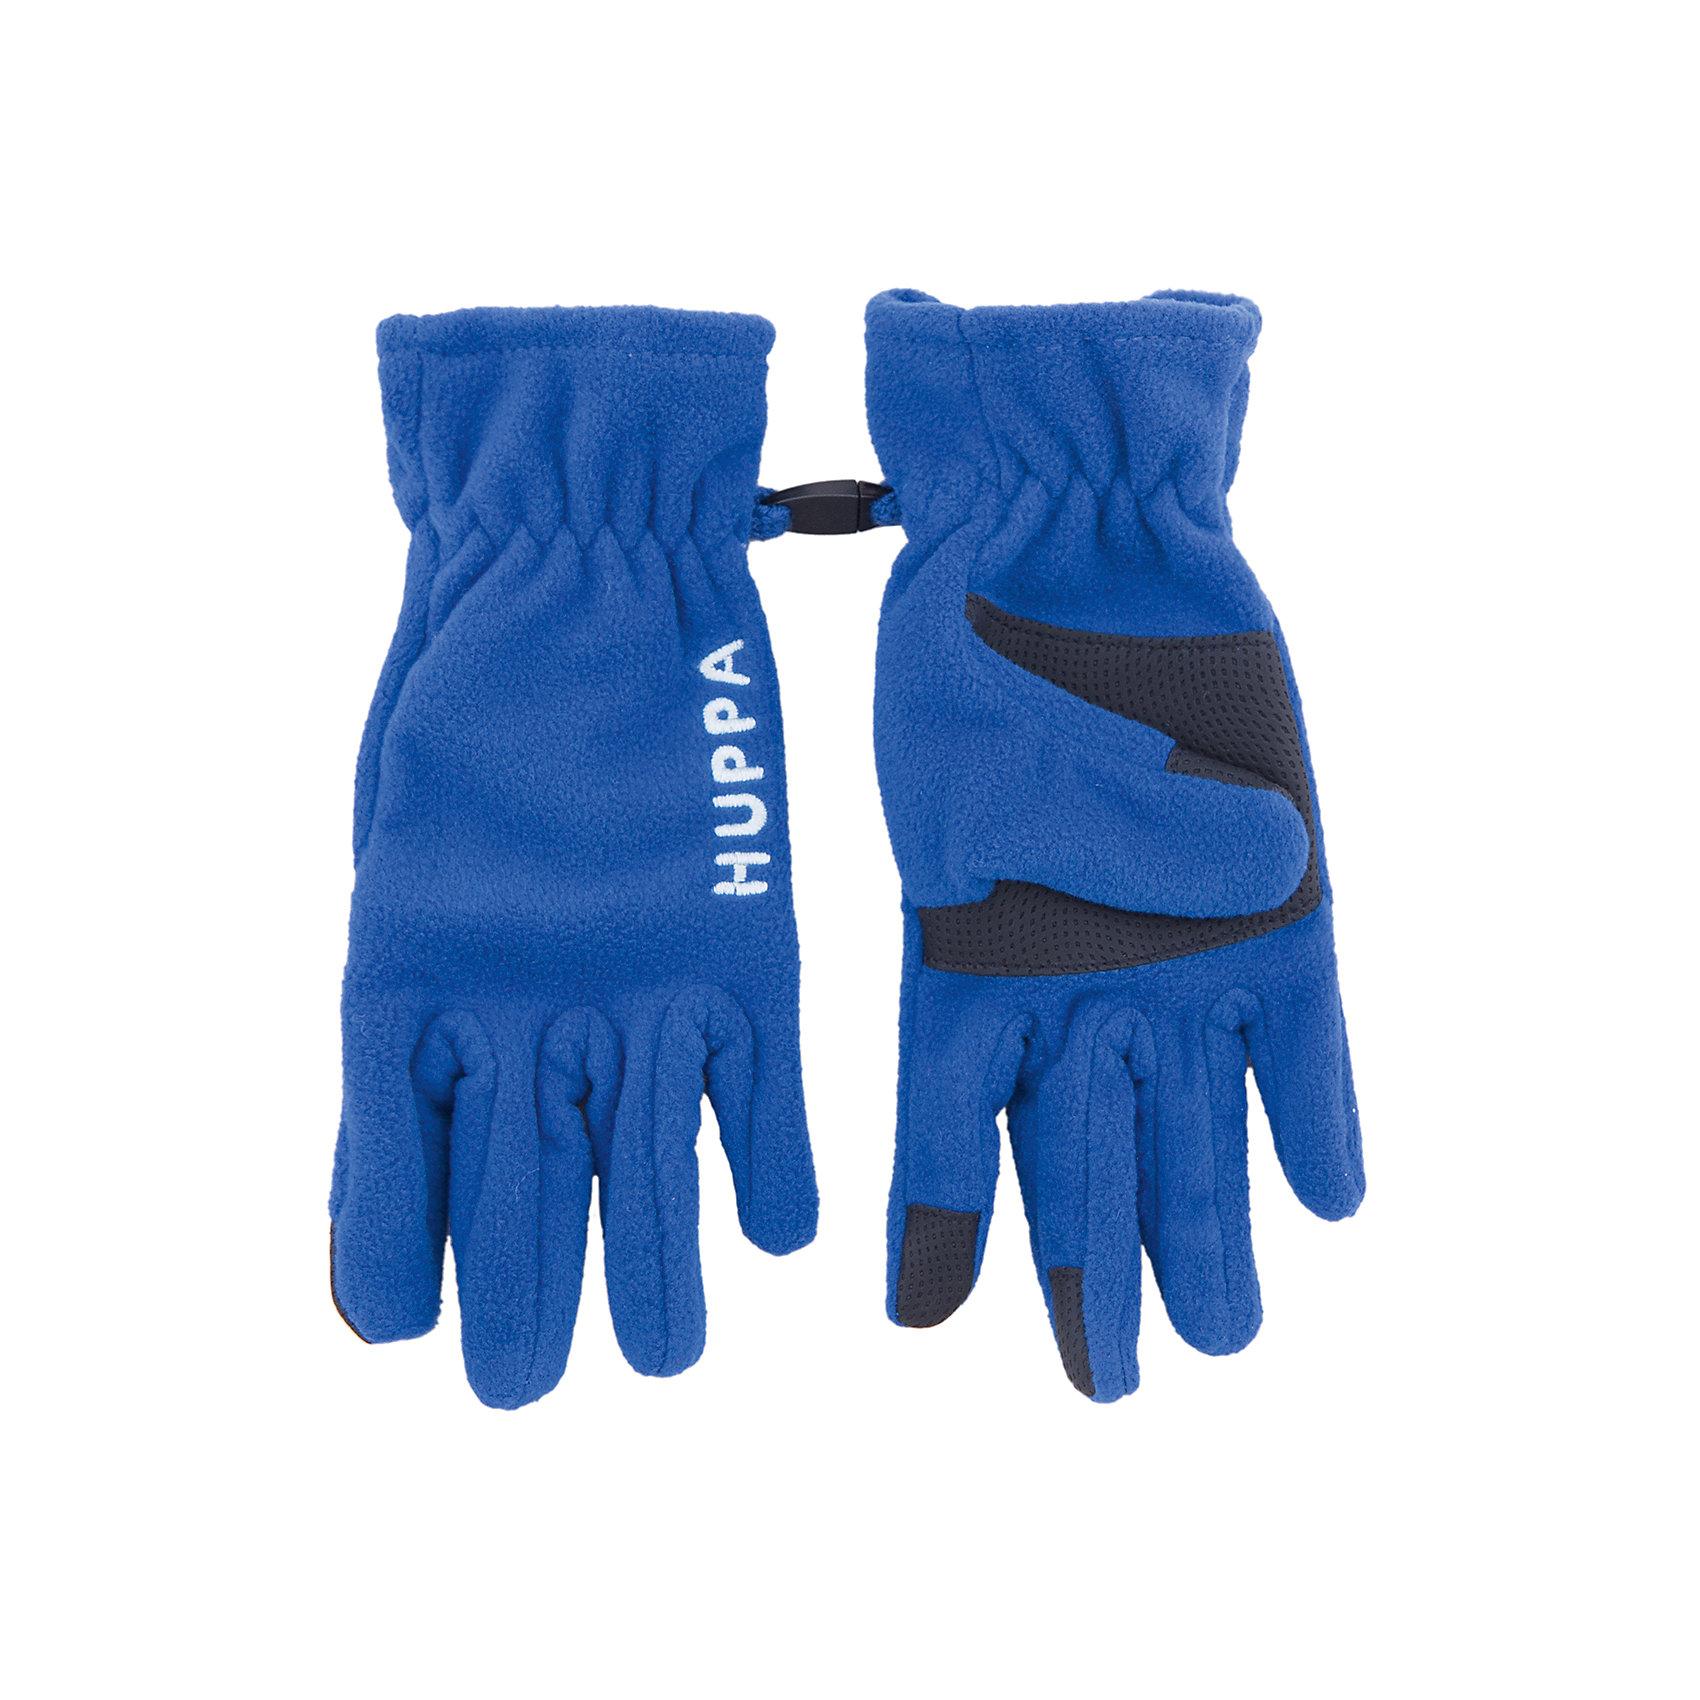 Перчатки AAMU для мальчика HuppaПерчатки, варежки<br>Характеристики товара:<br><br>• цвет: синий<br>• состав: 100% полиэстер (флис)<br>• температурный режим: от 0°С до +10°С<br>• усиленные пальцы и ладони<br>• мягкий материал<br>• логотип<br>• комфортная посадка<br>• страна бренда: Эстония<br><br>Эти перчатки обеспечат детям тепло и комфорт в межсезонье. Они сделаны из мягкого приятного на ощупь материала, поэтому изделие идеально подходит для межсезонья. Перчатки очень симпатично смотрятся. Модель была разработана специально для детей.<br><br>Одежда и обувь от популярного эстонского бренда Huppa - отличный вариант одеть ребенка можно и комфортно. Вещи, выпускаемые компанией, качественные, продуманные и очень удобные. Для производства изделий используются только безопасные для детей материалы. Продукция от Huppa порадует и детей, и их родителей!<br><br>Перчатки AAMU от бренда Huppa (Хуппа) можно купить в нашем интернет-магазине.<br><br>Ширина мм: 162<br>Глубина мм: 171<br>Высота мм: 55<br>Вес г: 119<br>Цвет: синий<br>Возраст от месяцев: 120<br>Возраст до месяцев: 132<br>Пол: Мужской<br>Возраст: Детский<br>Размер: 5,3,4<br>SKU: 5348034